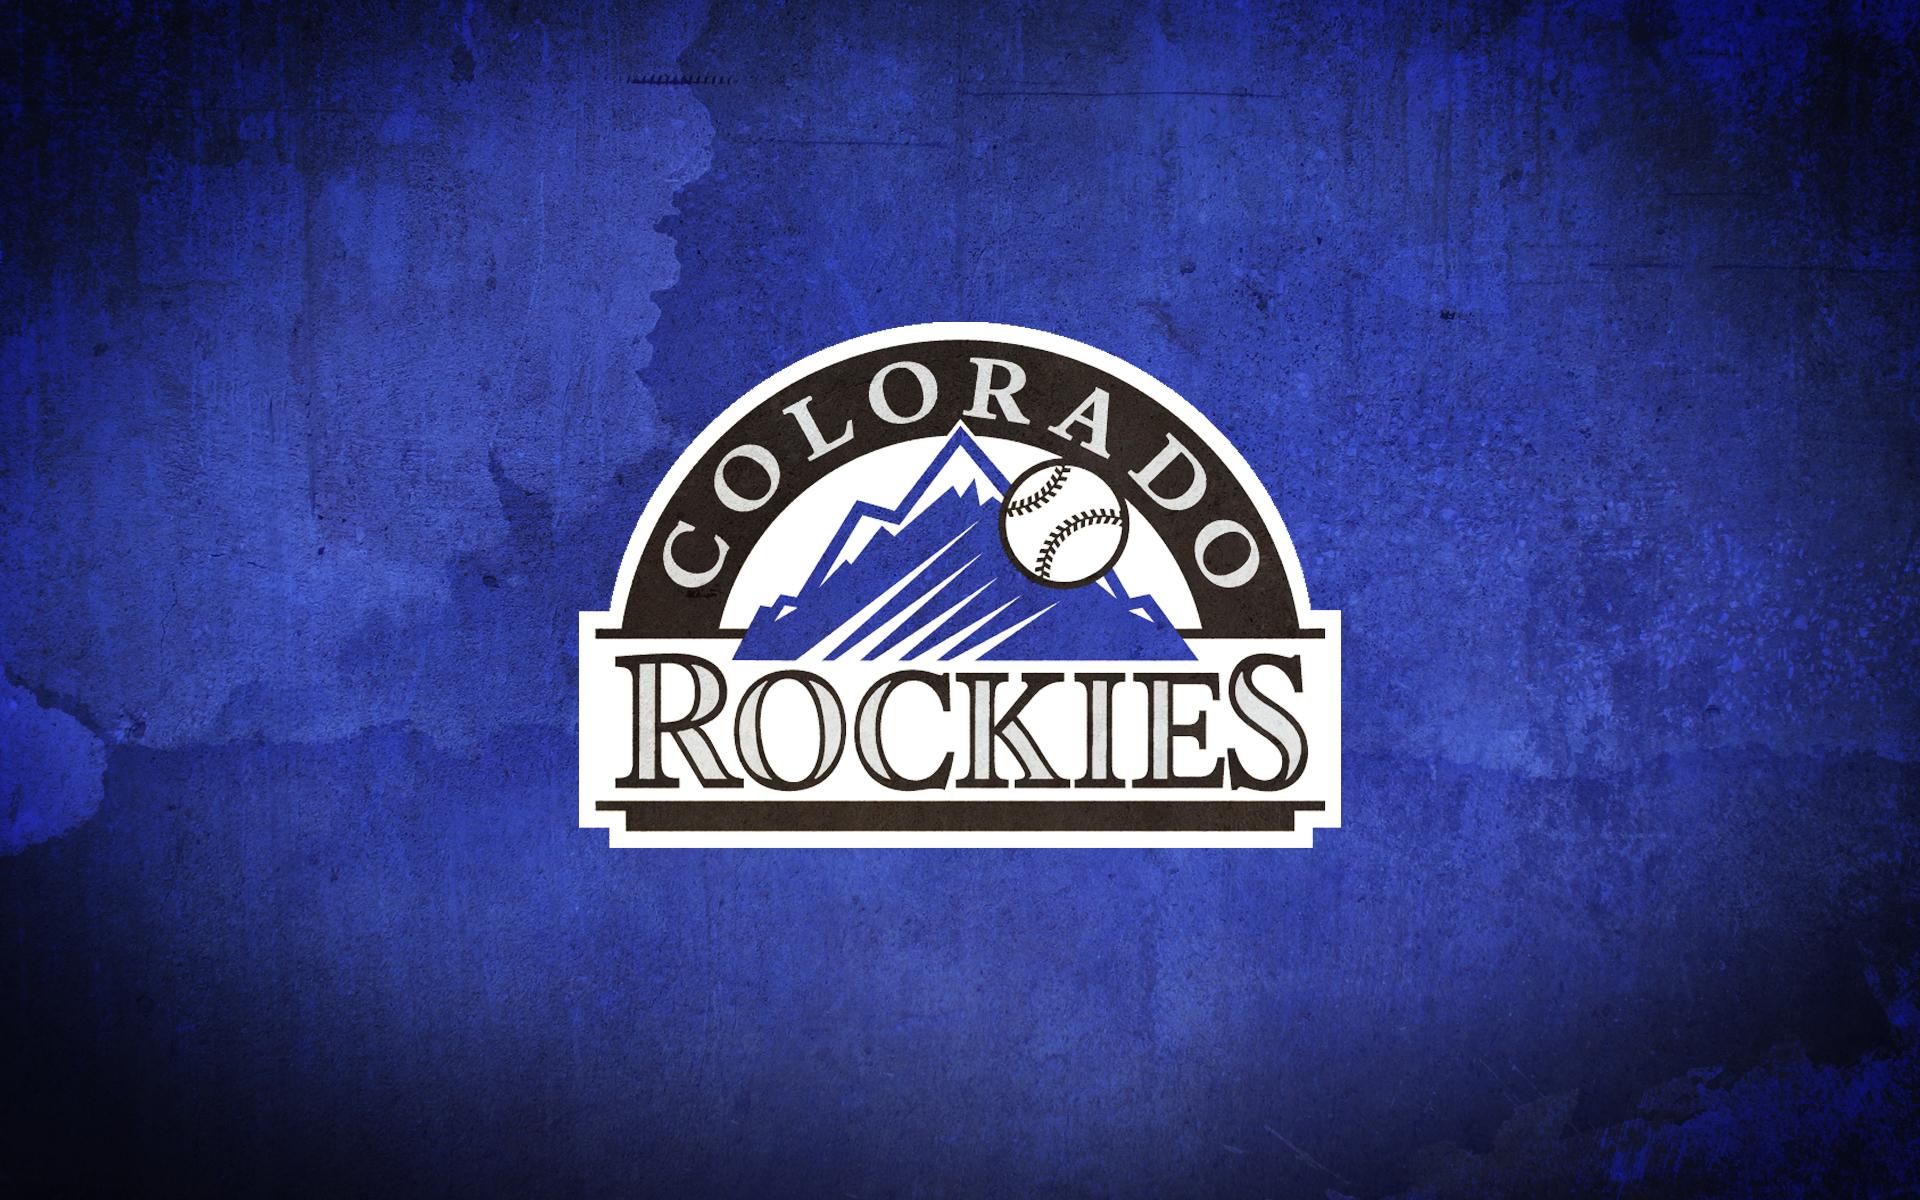 Colorado Rockies Desktop Wallpaper Collection 1920x1200